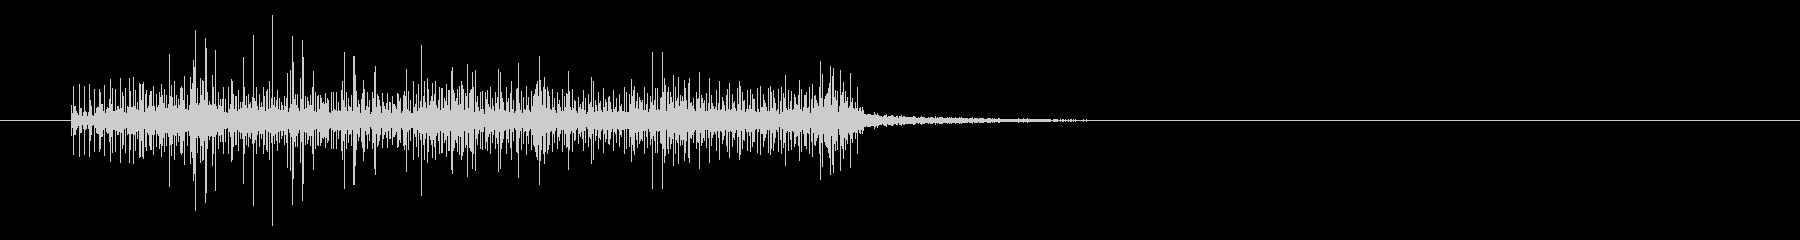 ビリリ!☆電流の流れる音 3リバーブ有の未再生の波形